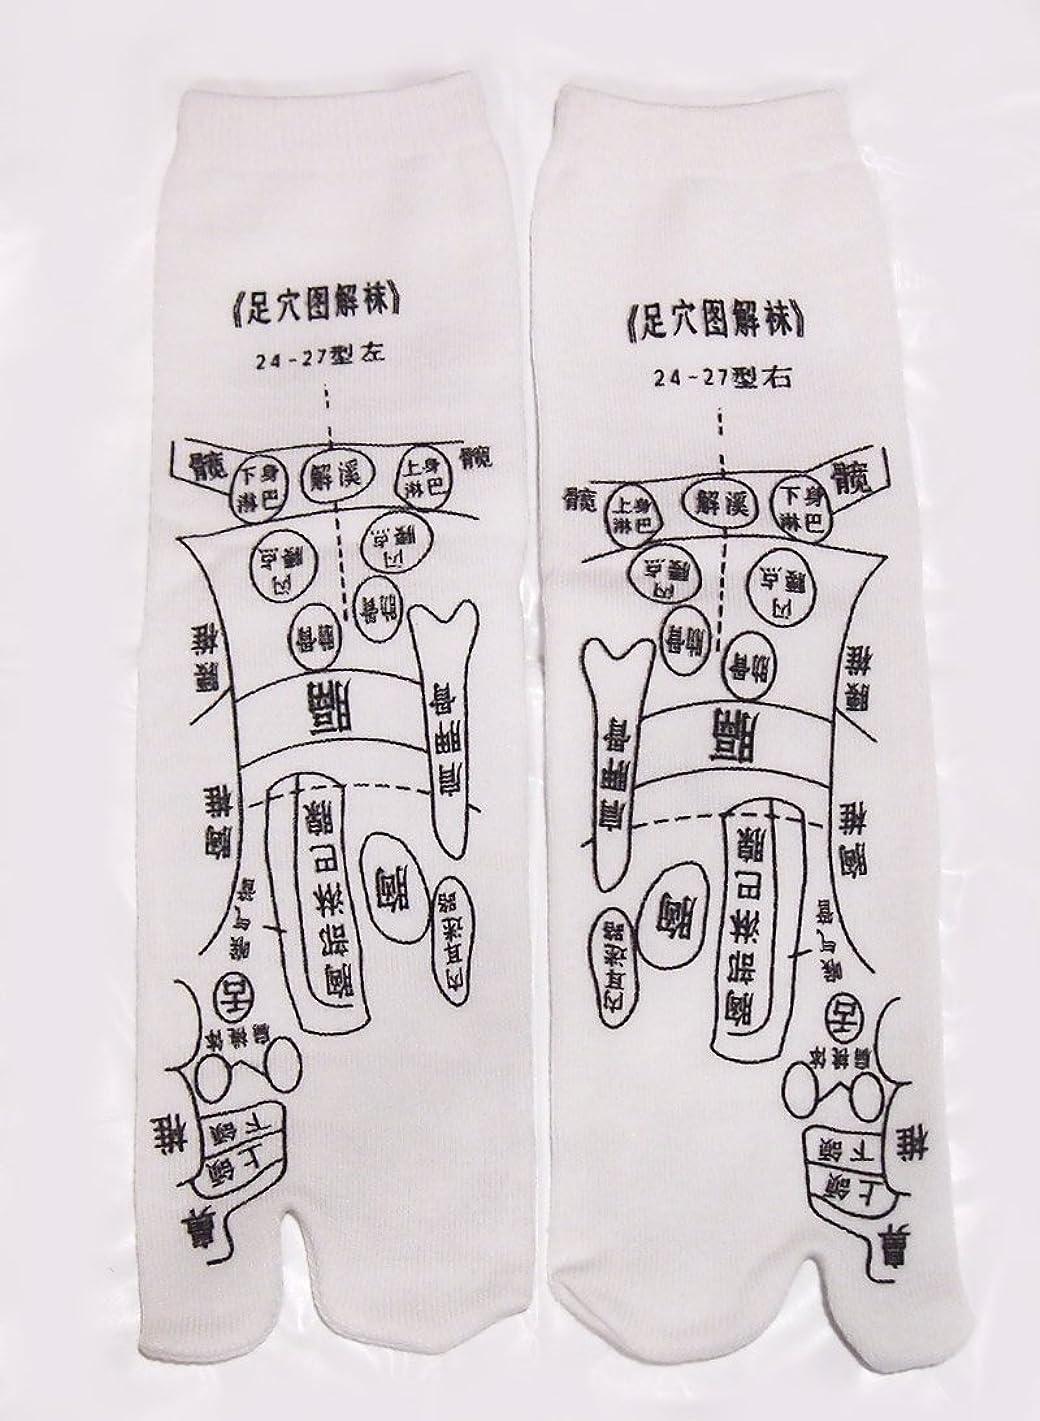 飢え実質的責め足っほ靴下 足裏つぼ靴下 足ツボソックス 反射区 プリント くつした ツボ押しやすい 22~26センチ 字は中国語